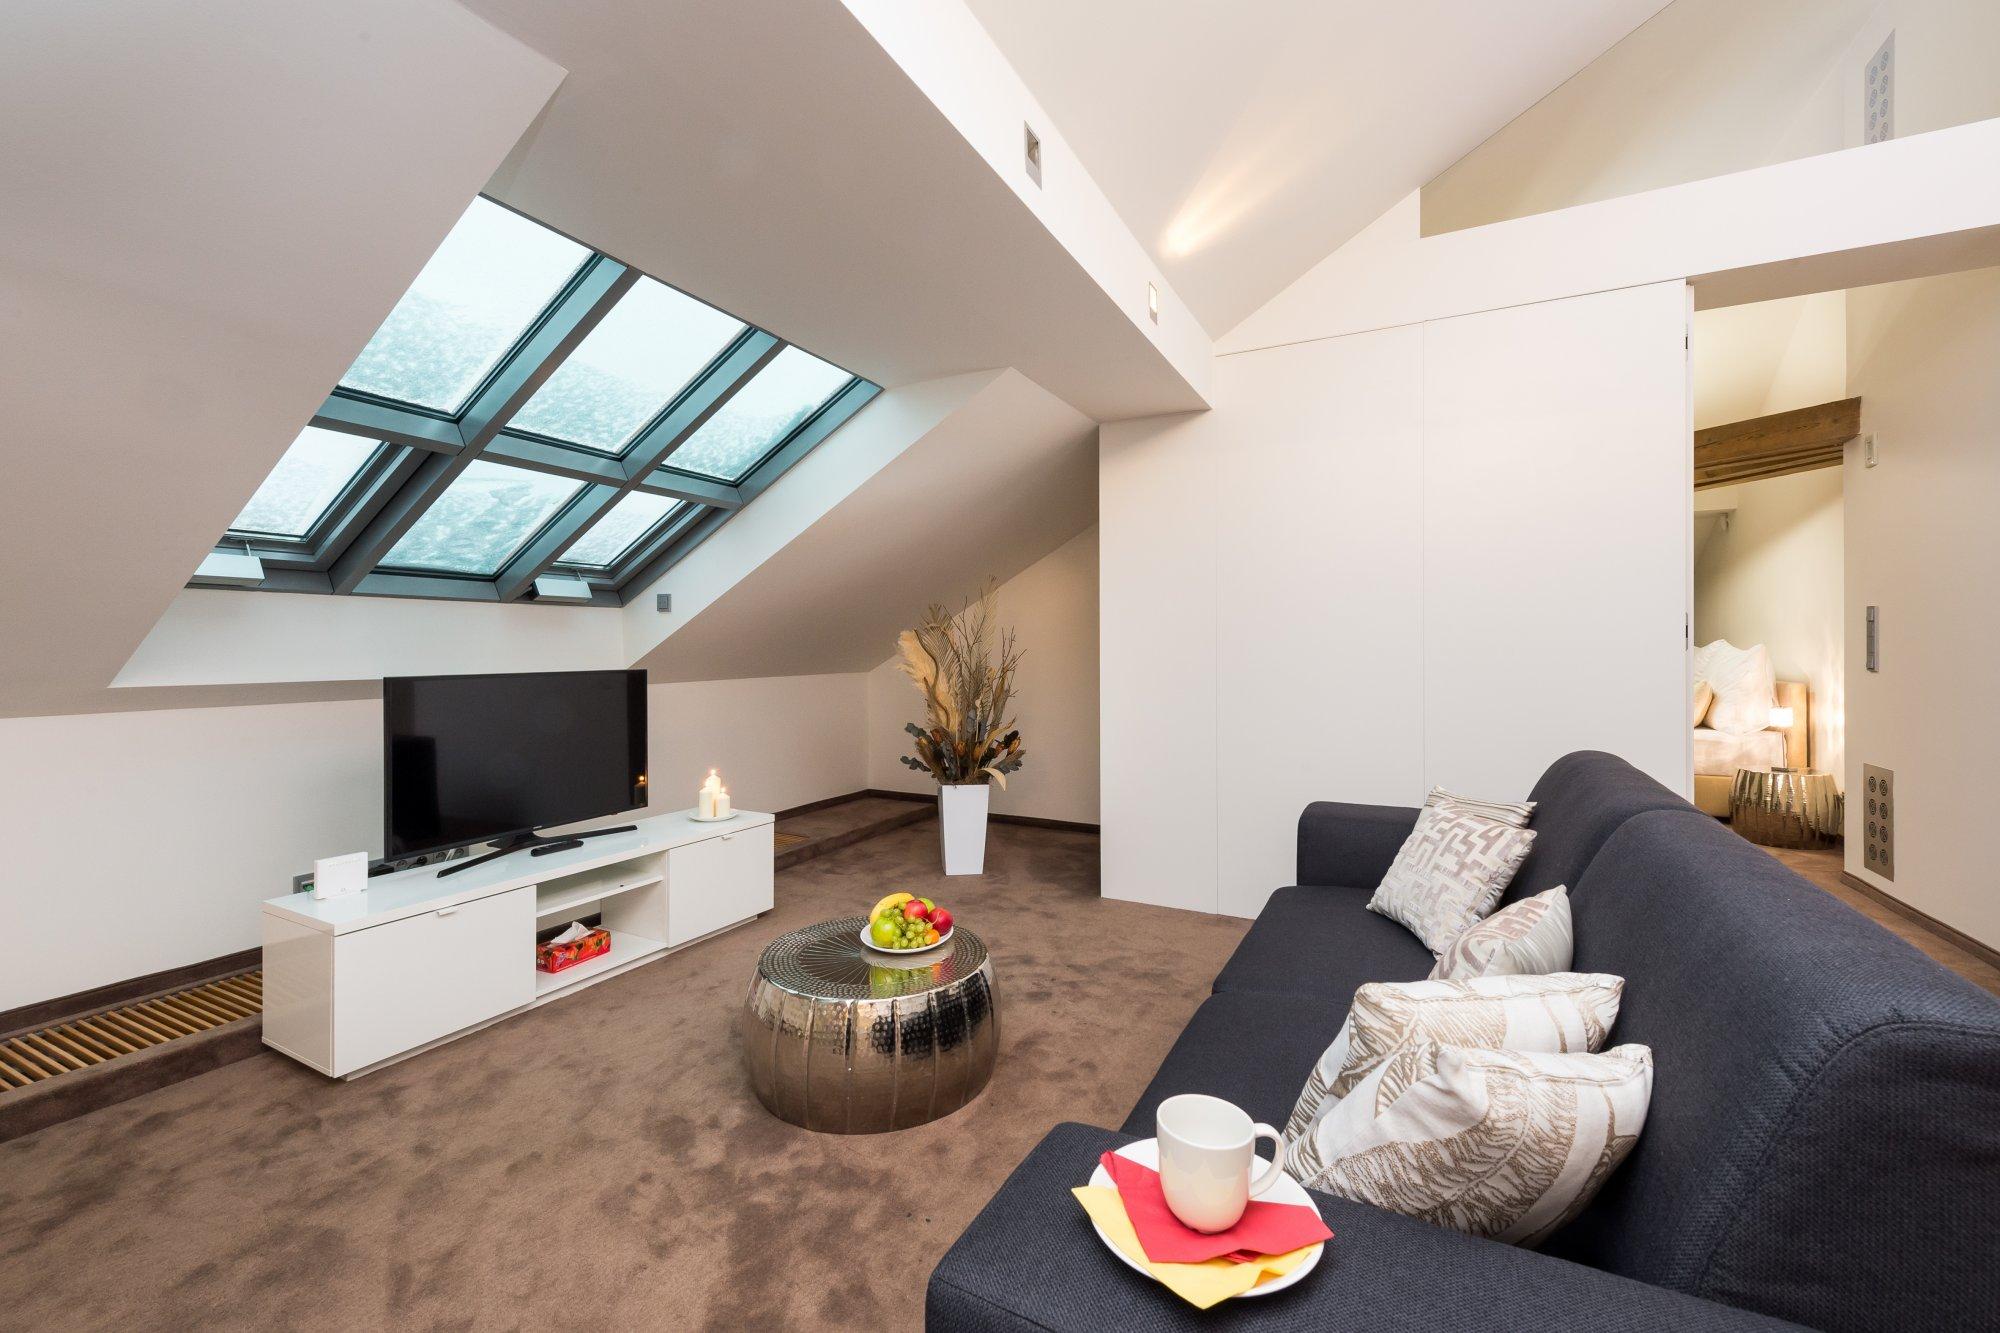 Půdní byt 4+kk, plocha 199 m², ulice Šeříková, Praha 1 - Malá Strana | 2